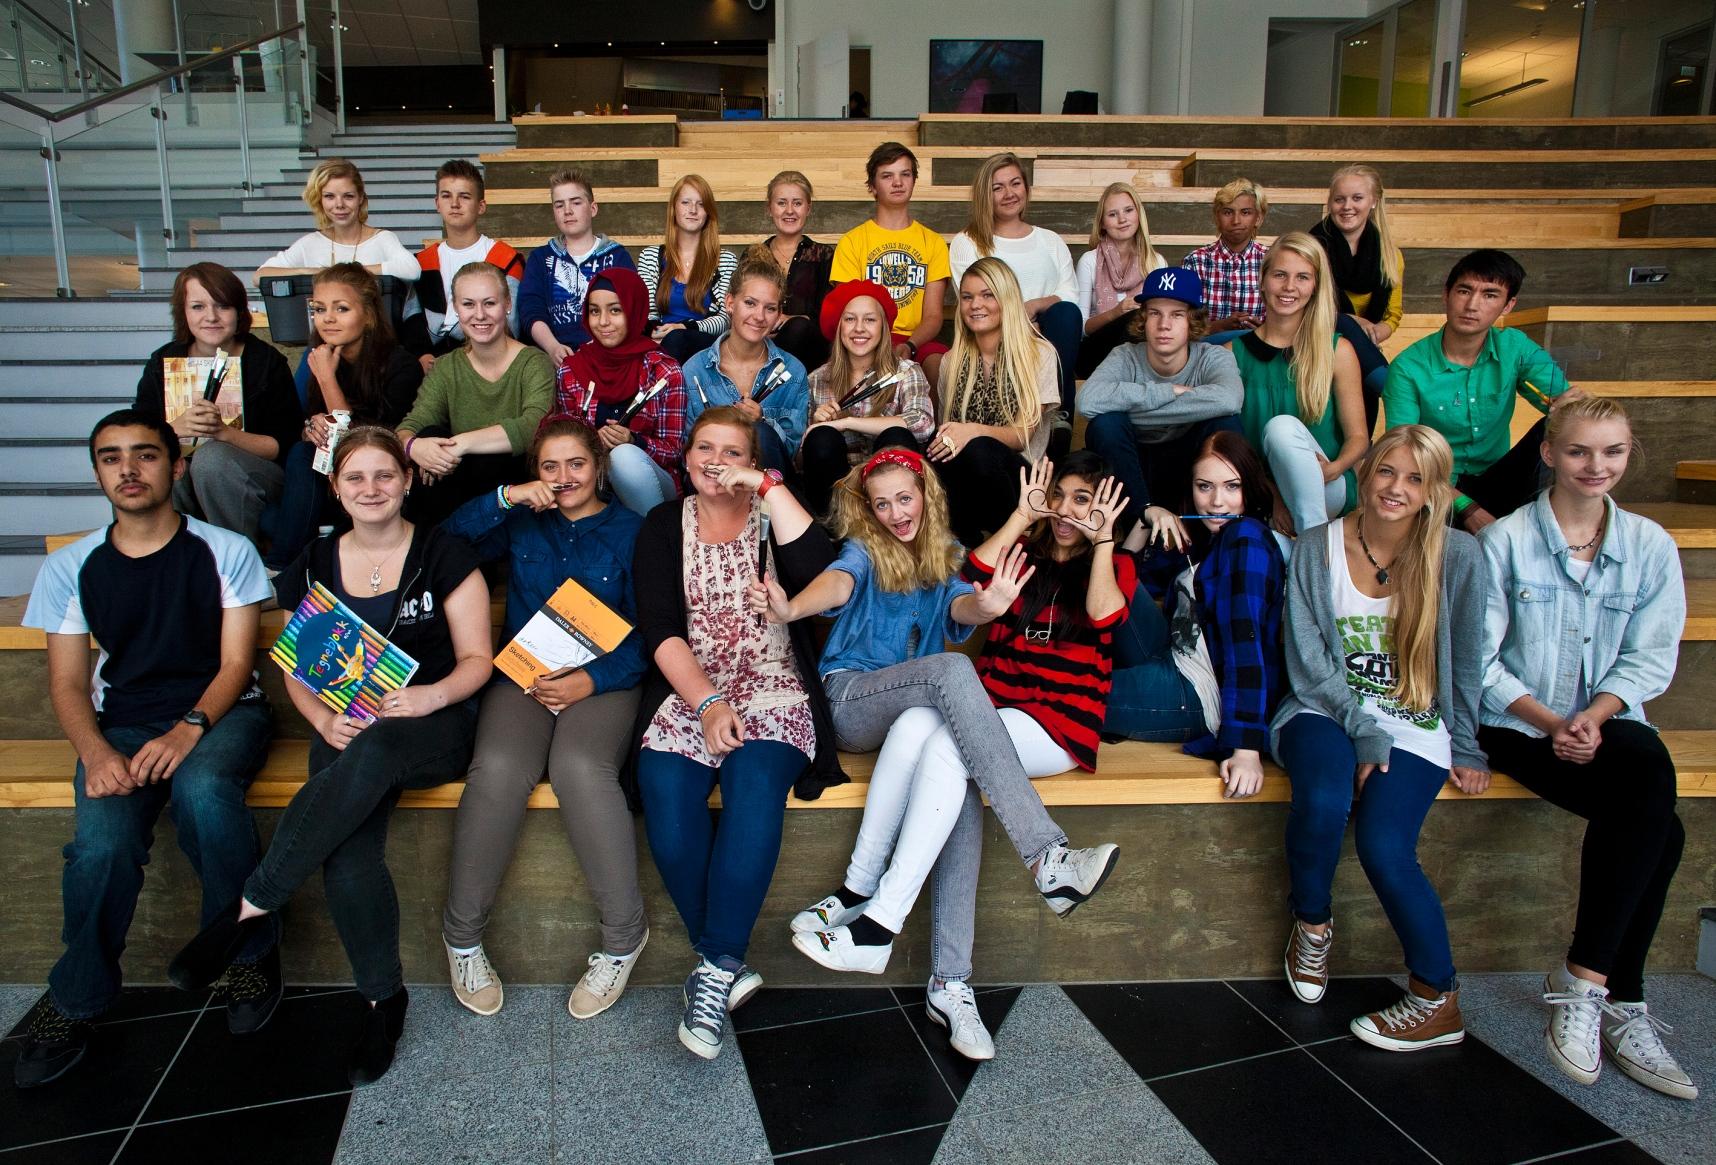 Mur De Rangement Garage : Norwegians crowdschool photos  Page 3